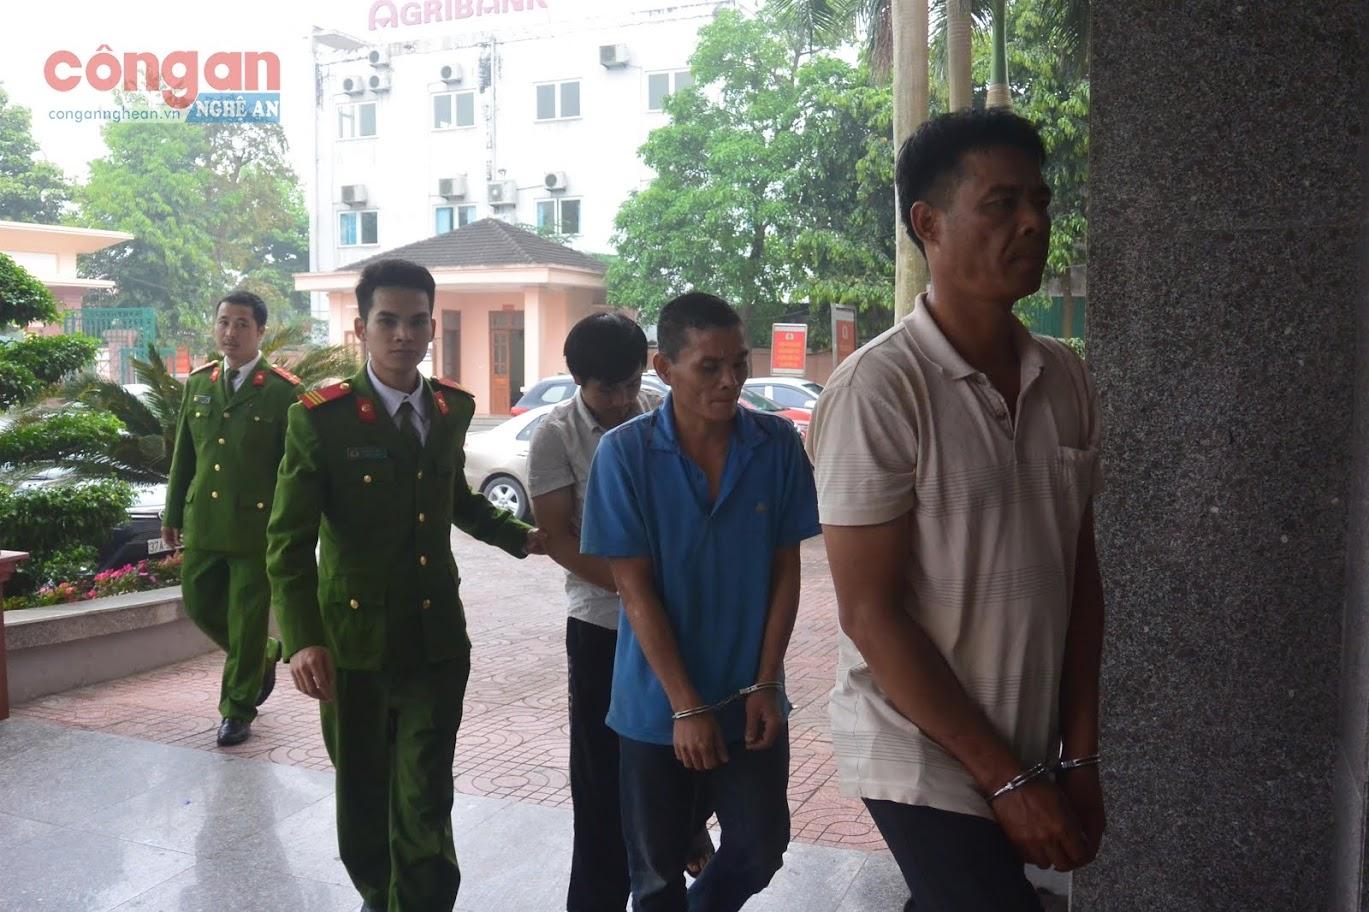 Cán bộ truy nã Phòng Cảnh sát Hình sự dẫn giải  các đối tượng lẩn trốn ở phía Nam về quy án